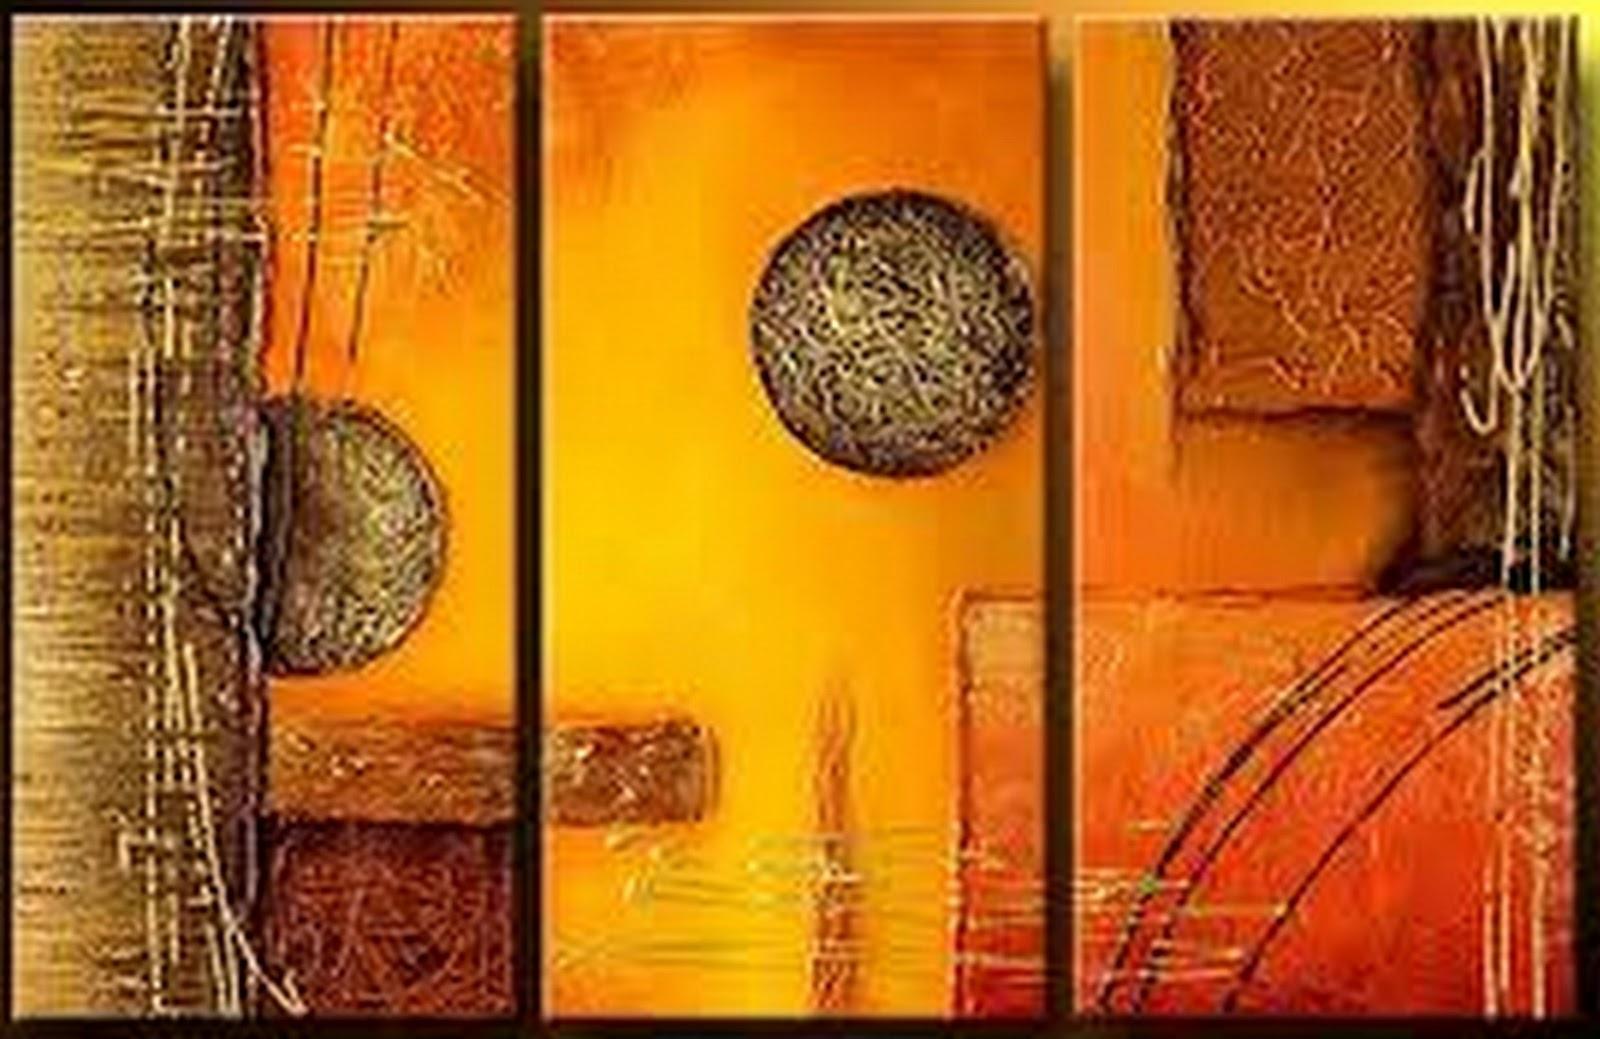 Cuadros pinturas oleos tr pticos de pintura for Cuadros con relieve modernos